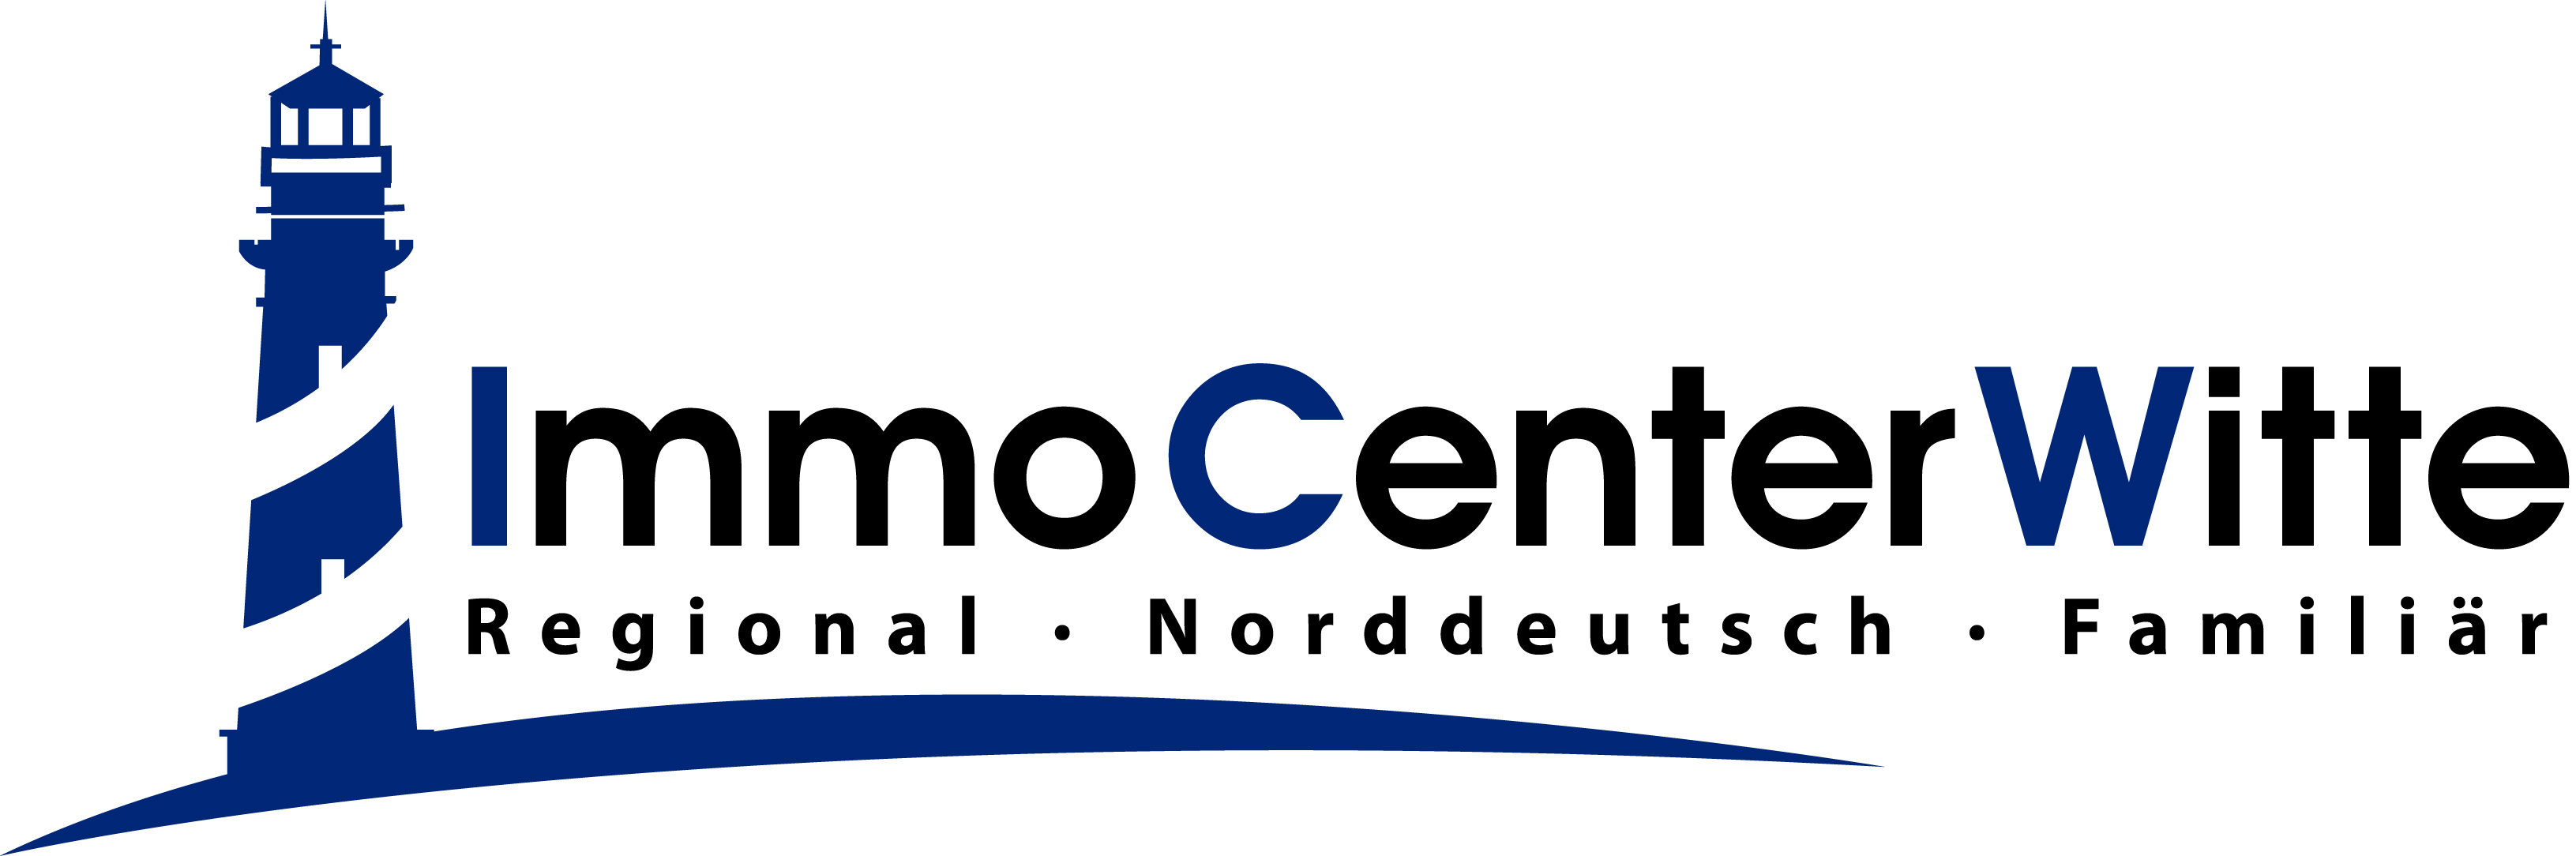 Hier sehen Sie das Logo von ImmoCenterWitte